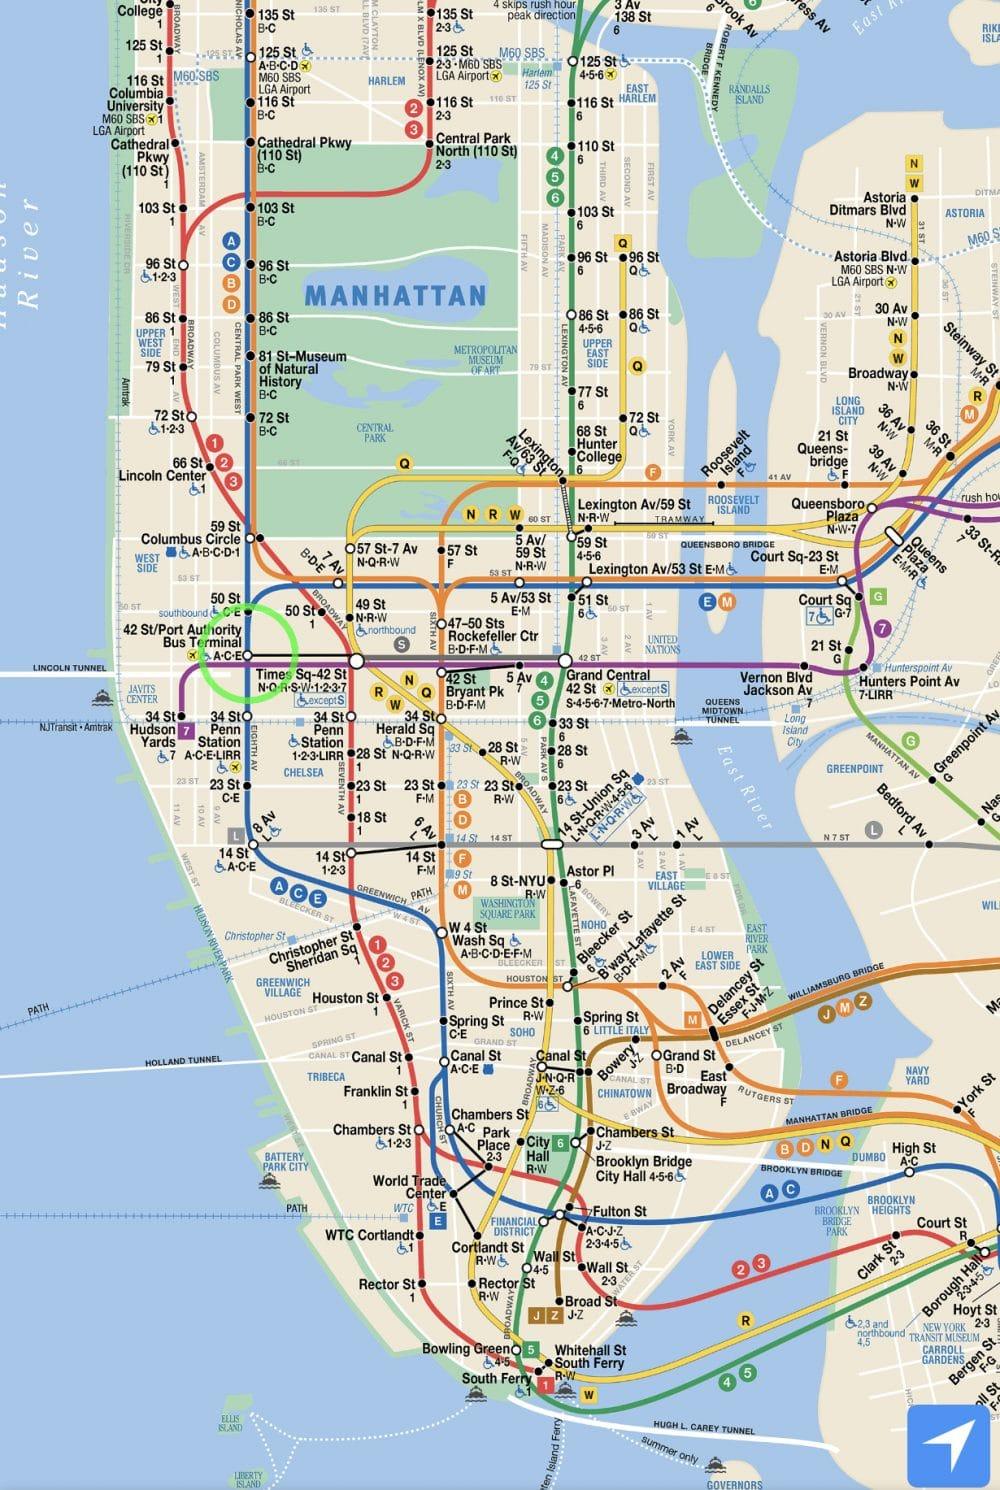 Subway map of nyc